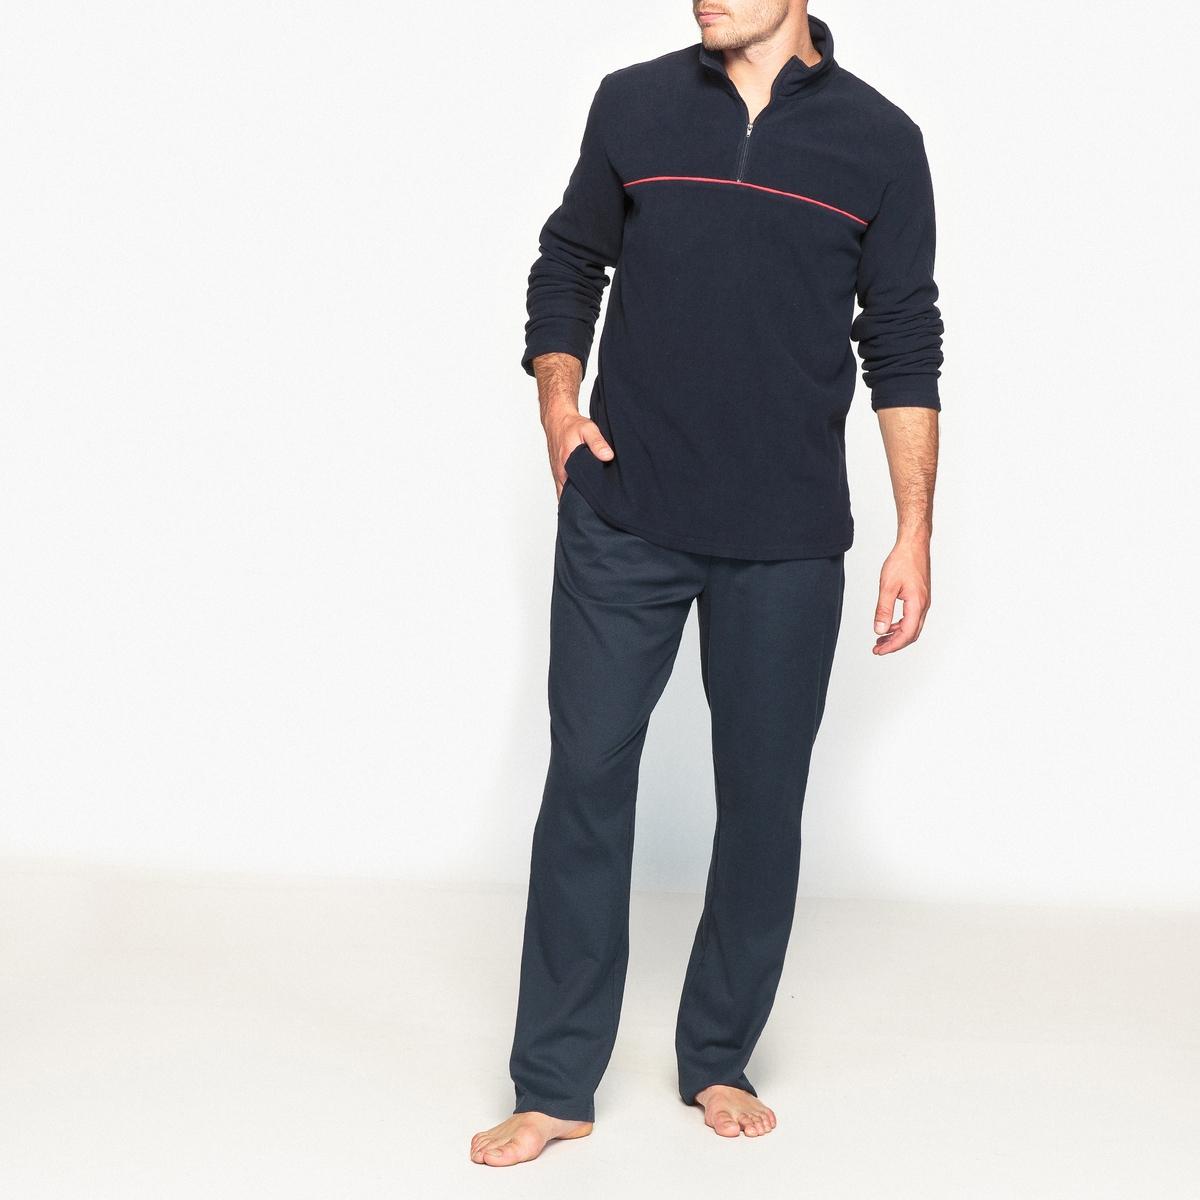 Брюки пижамные из микрофлисаПижамные брюки из микрофлиса : очень мягкие и комфортные. Удобная модель благодаря эластичному поясу с затягиваемым шнурком. Вырез с застежкой на молнию.Описание •  Прямой покрой.  •  Эластичный пояс с затягиваемым шнурком •  2 боковых кармана •  Брюки можно носить с футболкойСостав и уход •  Основной материал : микрофлис, 100% полиэстера •  Машинная стирка при 30 °С •  Стирать с вещами схожих цветов<br><br>Цвет: темно-синий/ красный